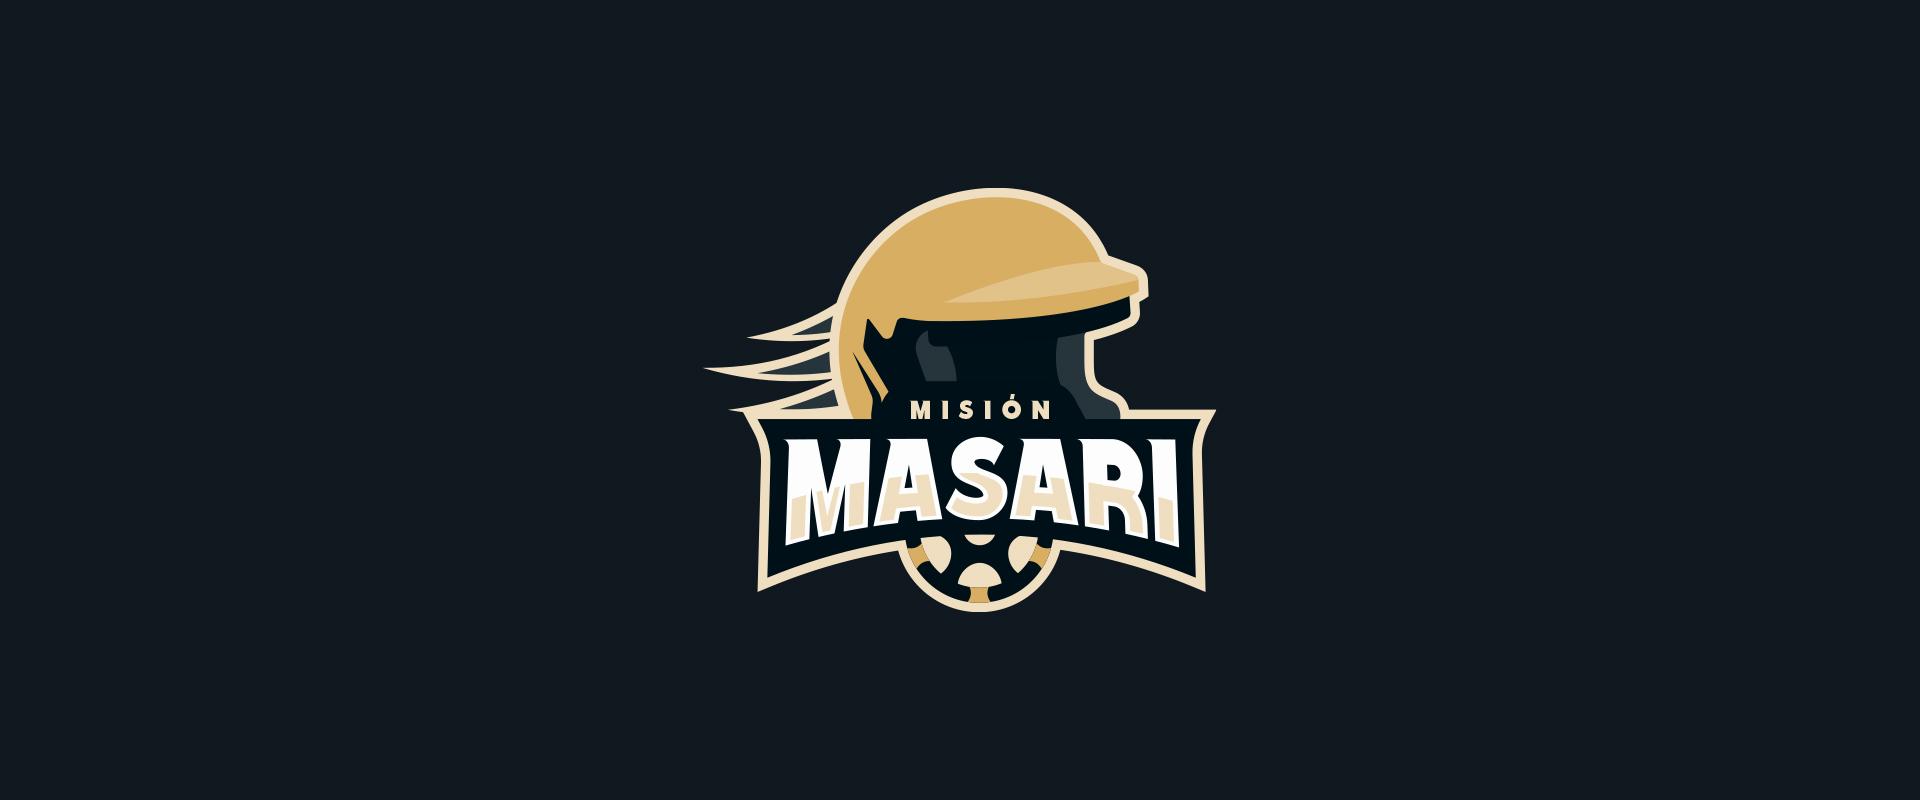 Logotipo diseñado para Misión Masari